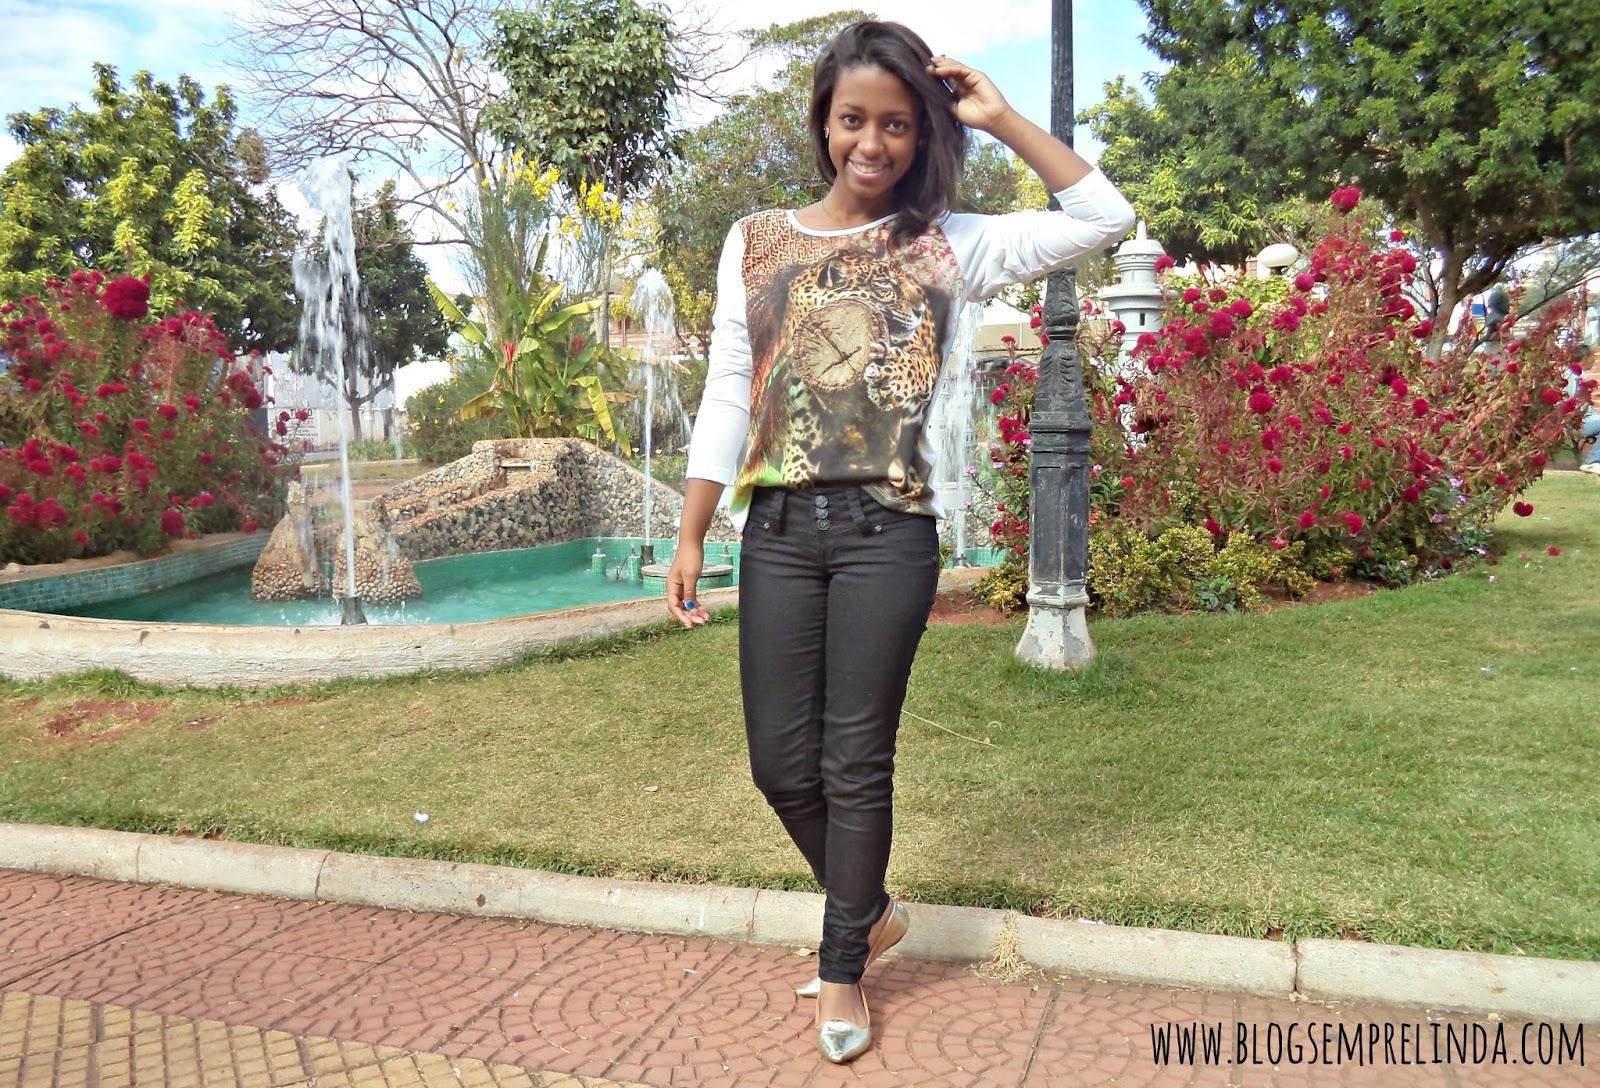 Look composto por calça preta, blusa branca com estampa animal print, com sapatilha dourada. Em uma praça florida.